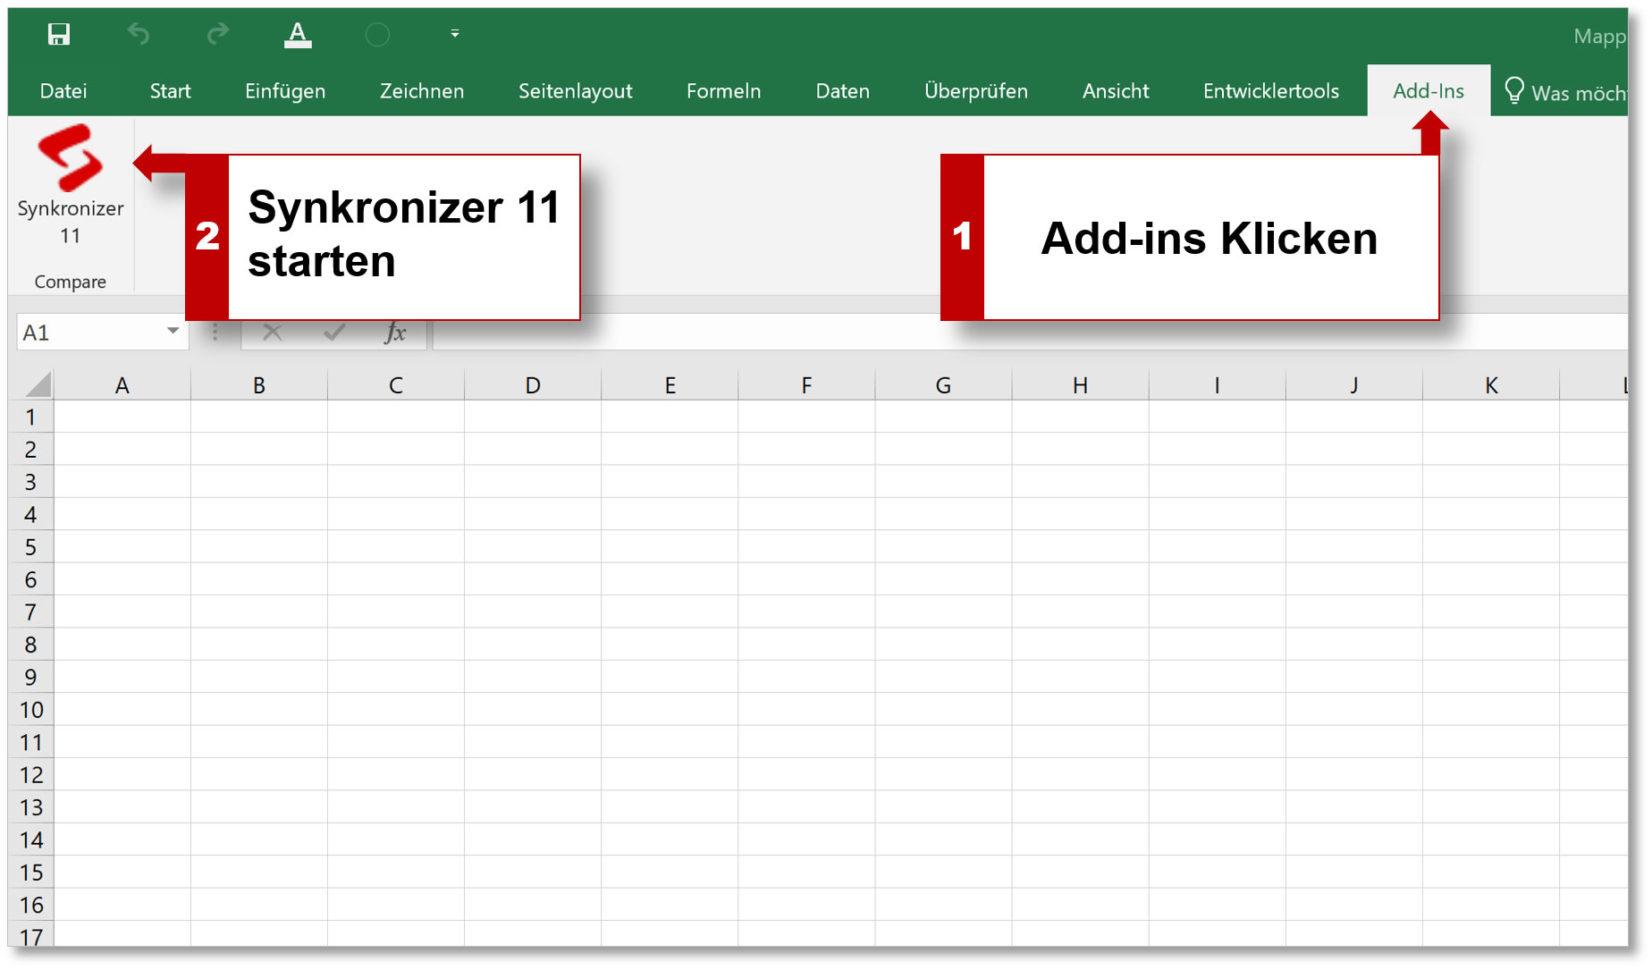 Excel Spreadsheet Validierung Pertaining To Synkronizer Excel Compare: Excel Tabellen Zusammenführen Und Vergleichen